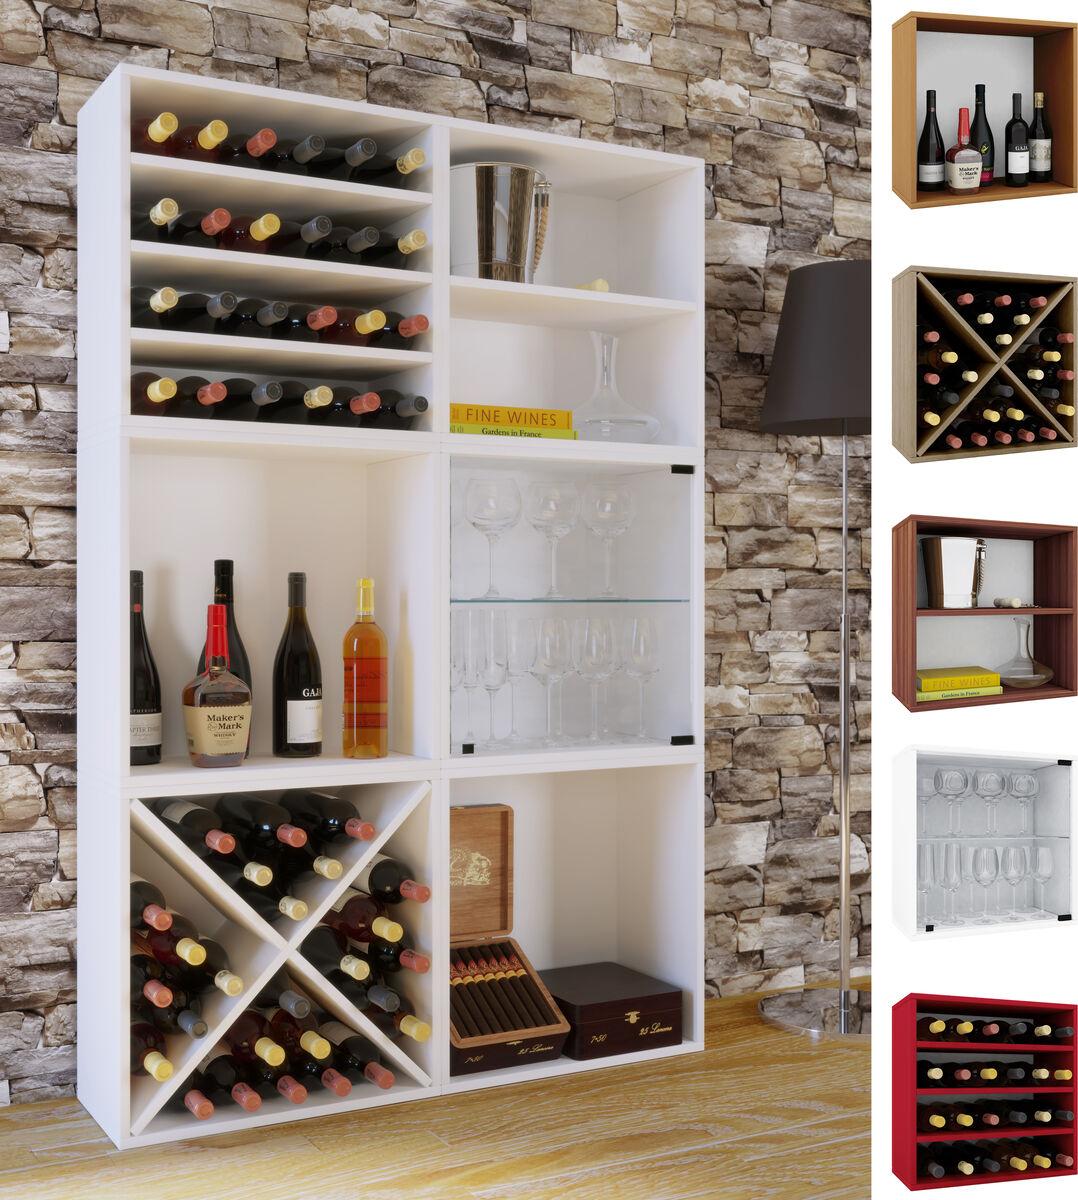 Full Size of Wein Regal Weinregal Metall Gold Schwarzbraun Kare Design Vintage Selber Bauen Einfach Ikea Vcm Regalserie Weinschrank Weinflaschen Regale Weiß Holz Kleines Regal Wein Regal